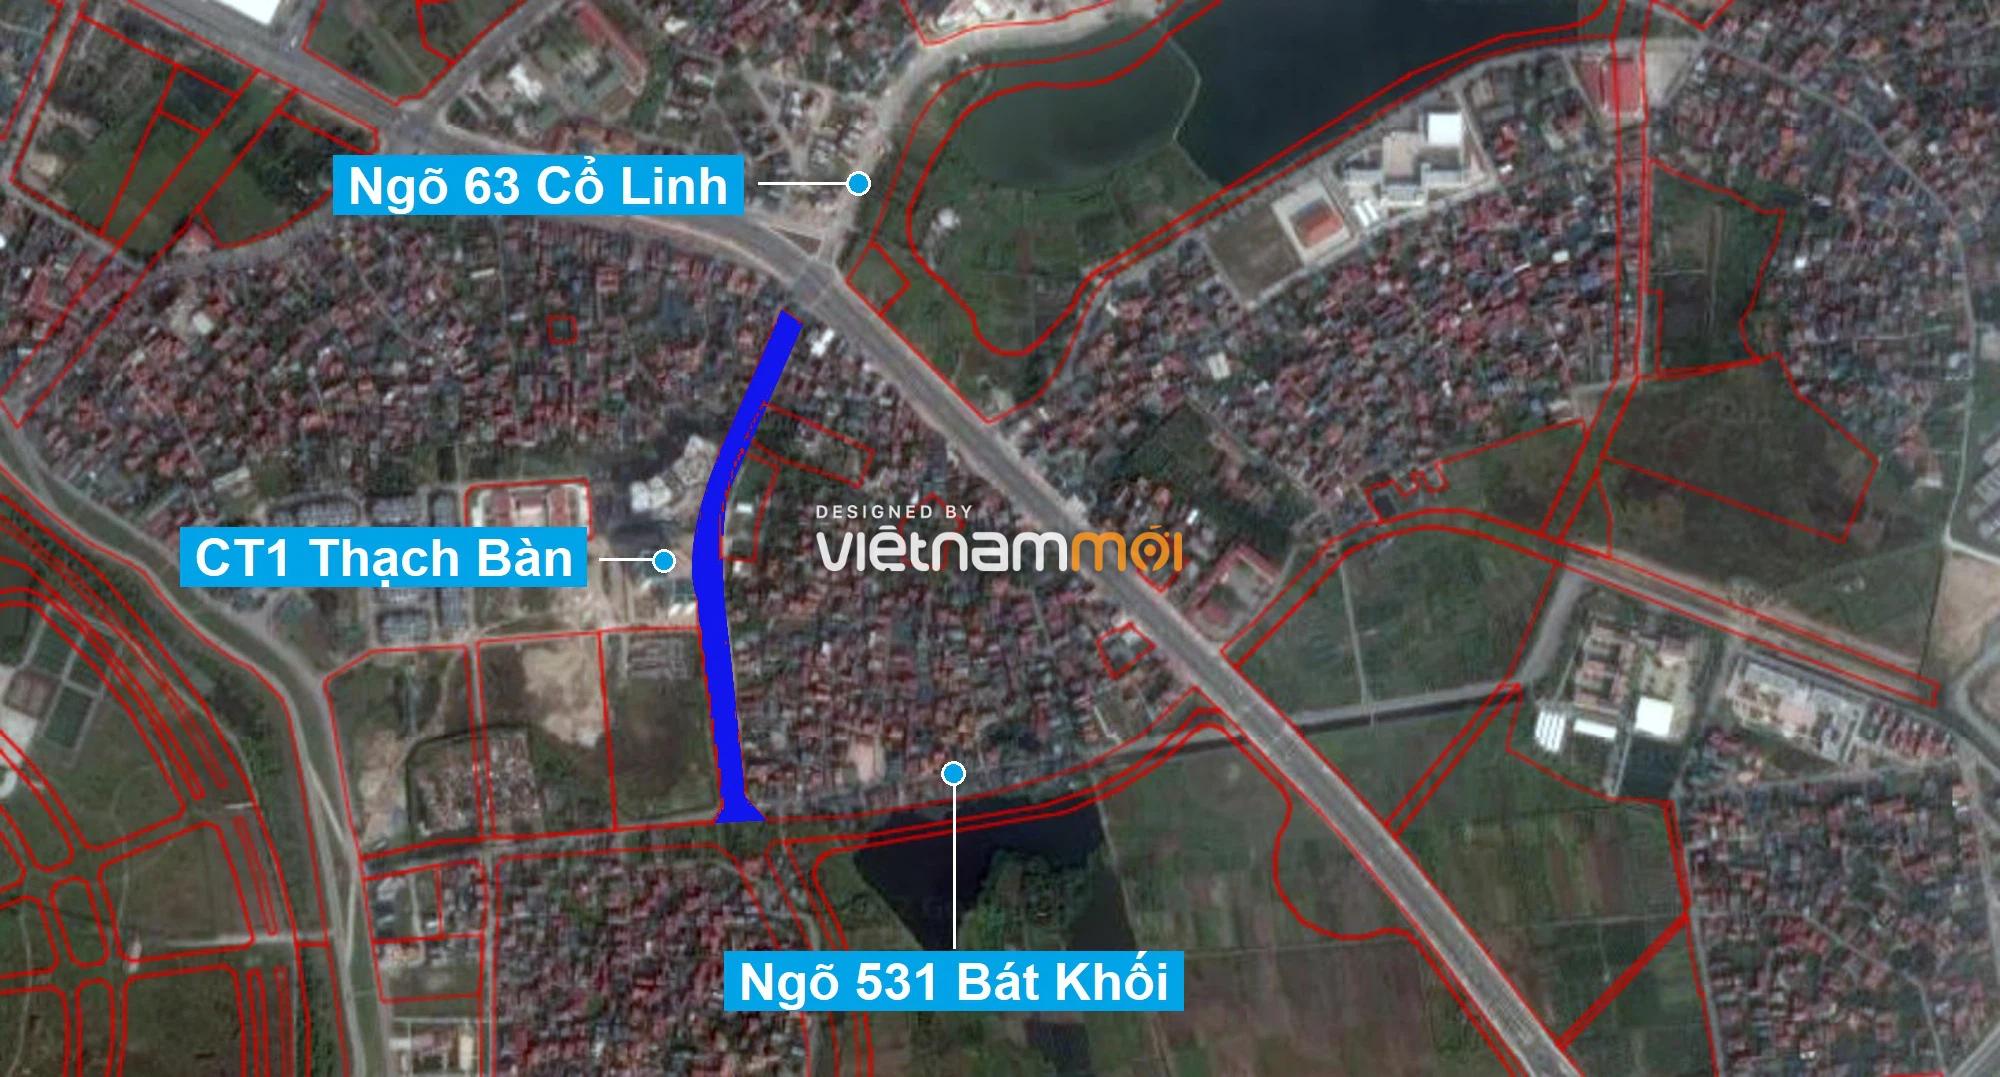 Những khu đất sắp thu hồi để mở đường ở phường Thạch Bàn, Long Biên, Hà Nội (phần 7) - Ảnh 2.